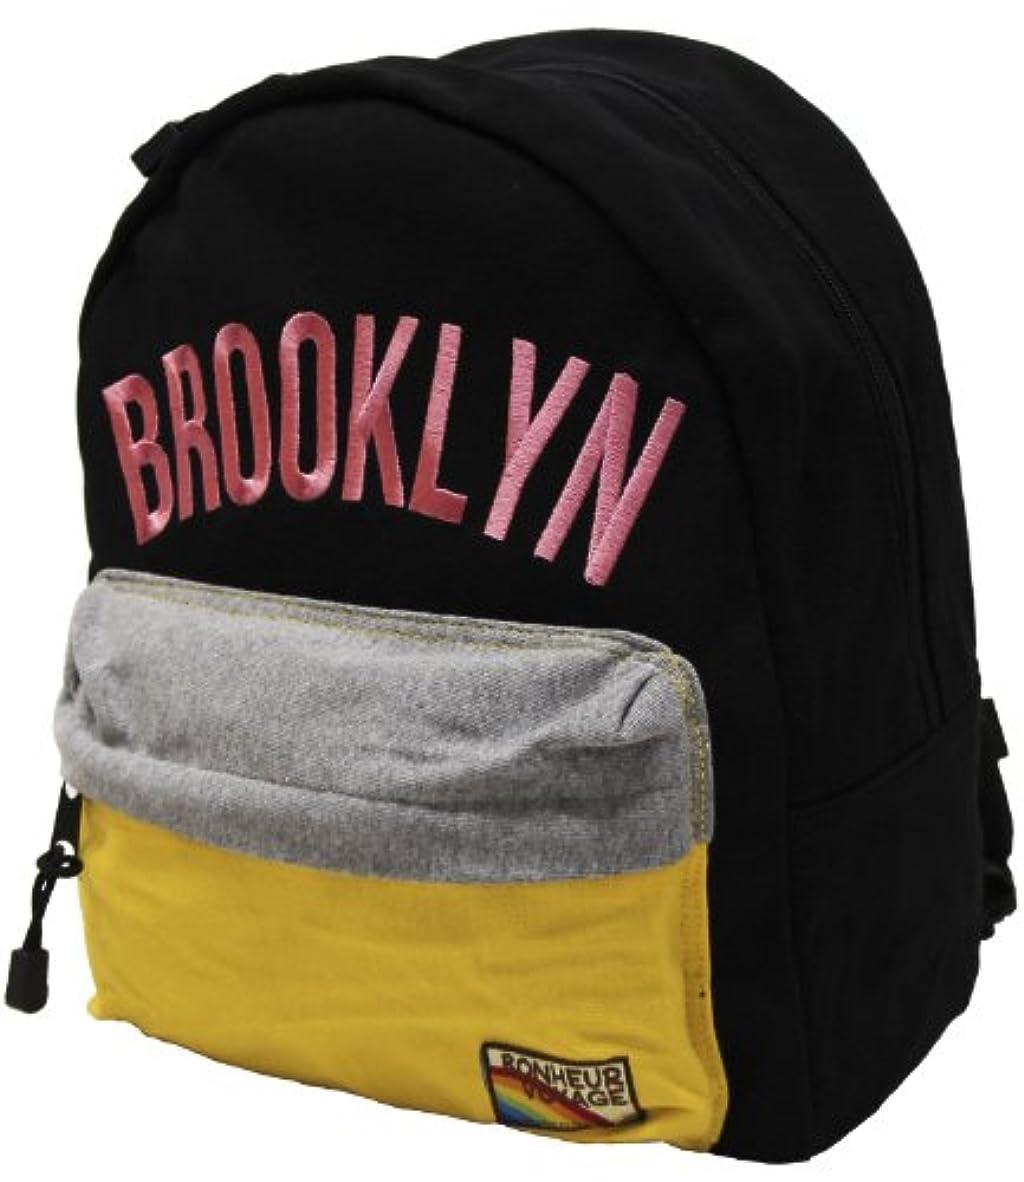 成功したクリックコンペKIDS(キッズ) BROOKLYN(ブルックリン) ロゴ柄リュック(デイパック Dパック リュックサック) ブラック